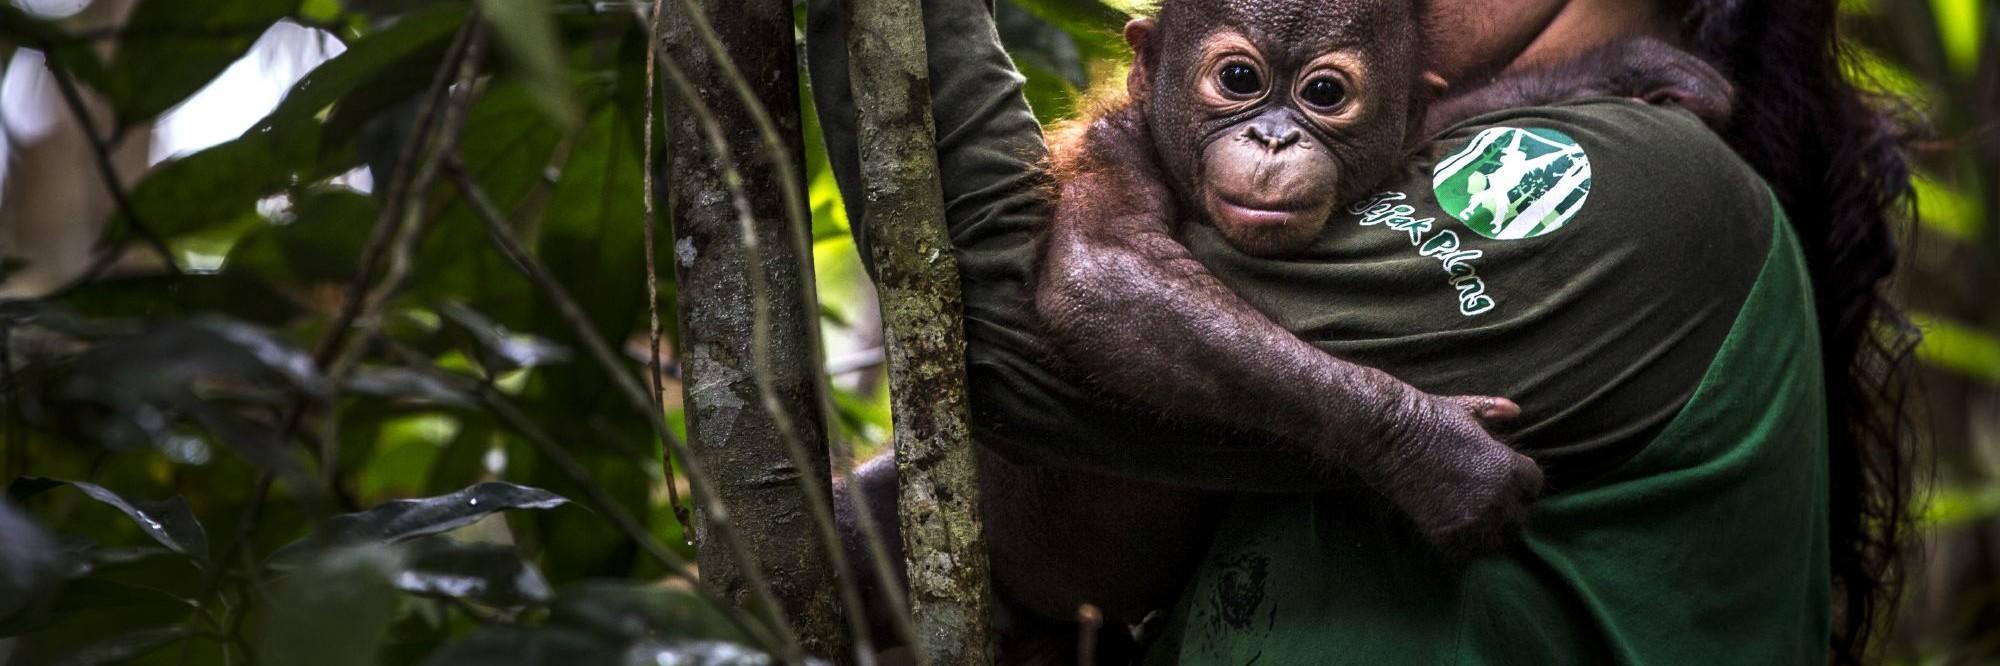 Unterstützen Sie unsere Orang-Utans